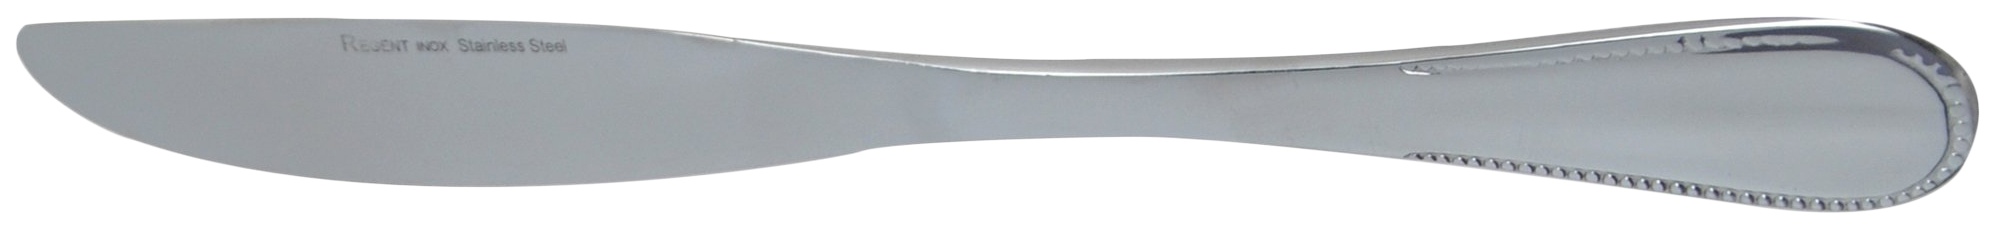 Нож столовый Regent 93-CU-SO-01 210 мм